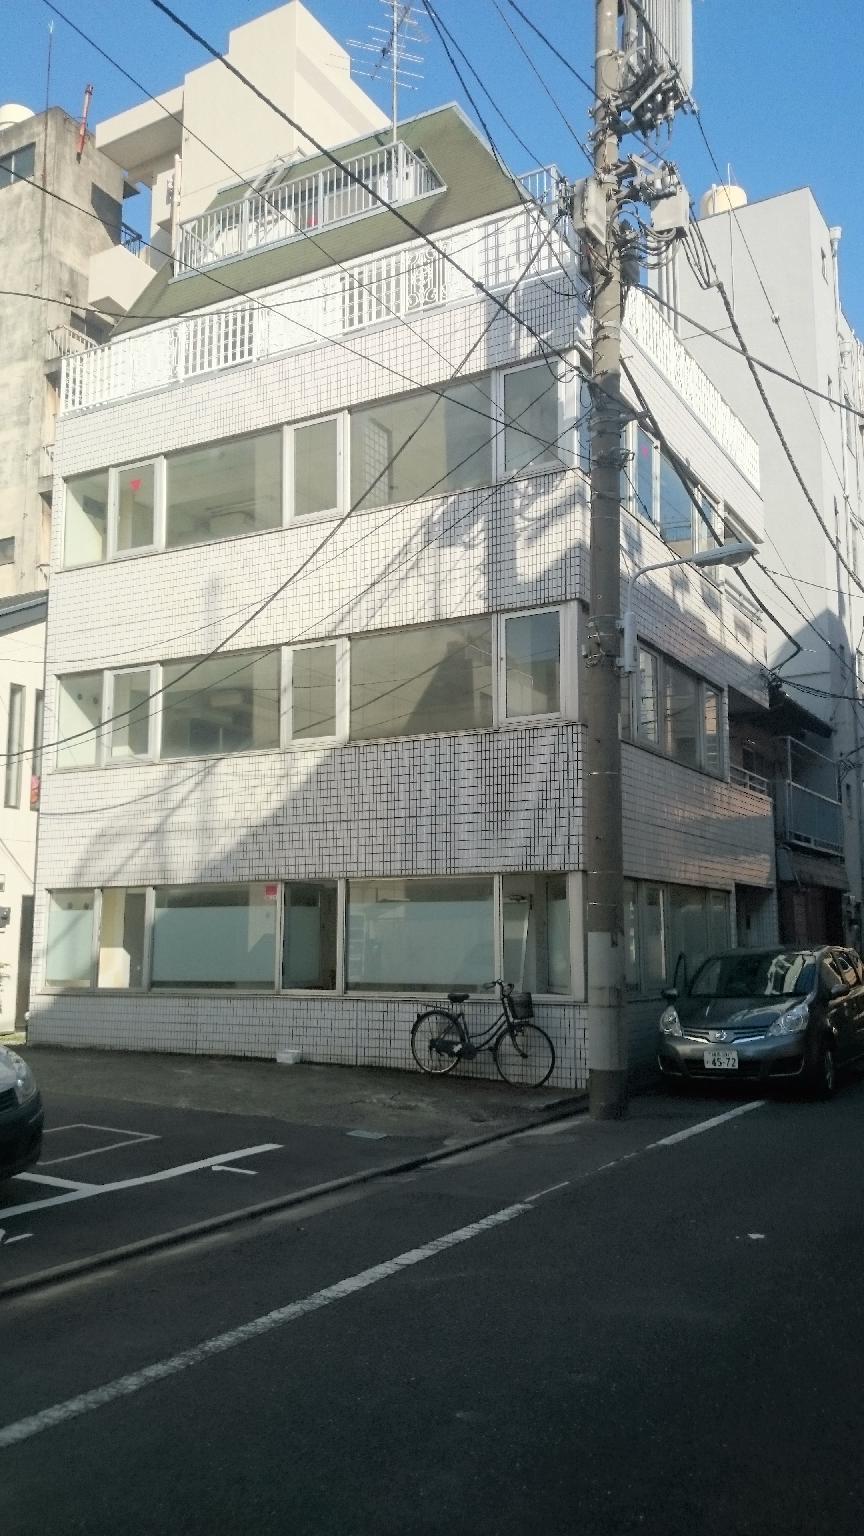 Issyuku Hotel Asakusabashi